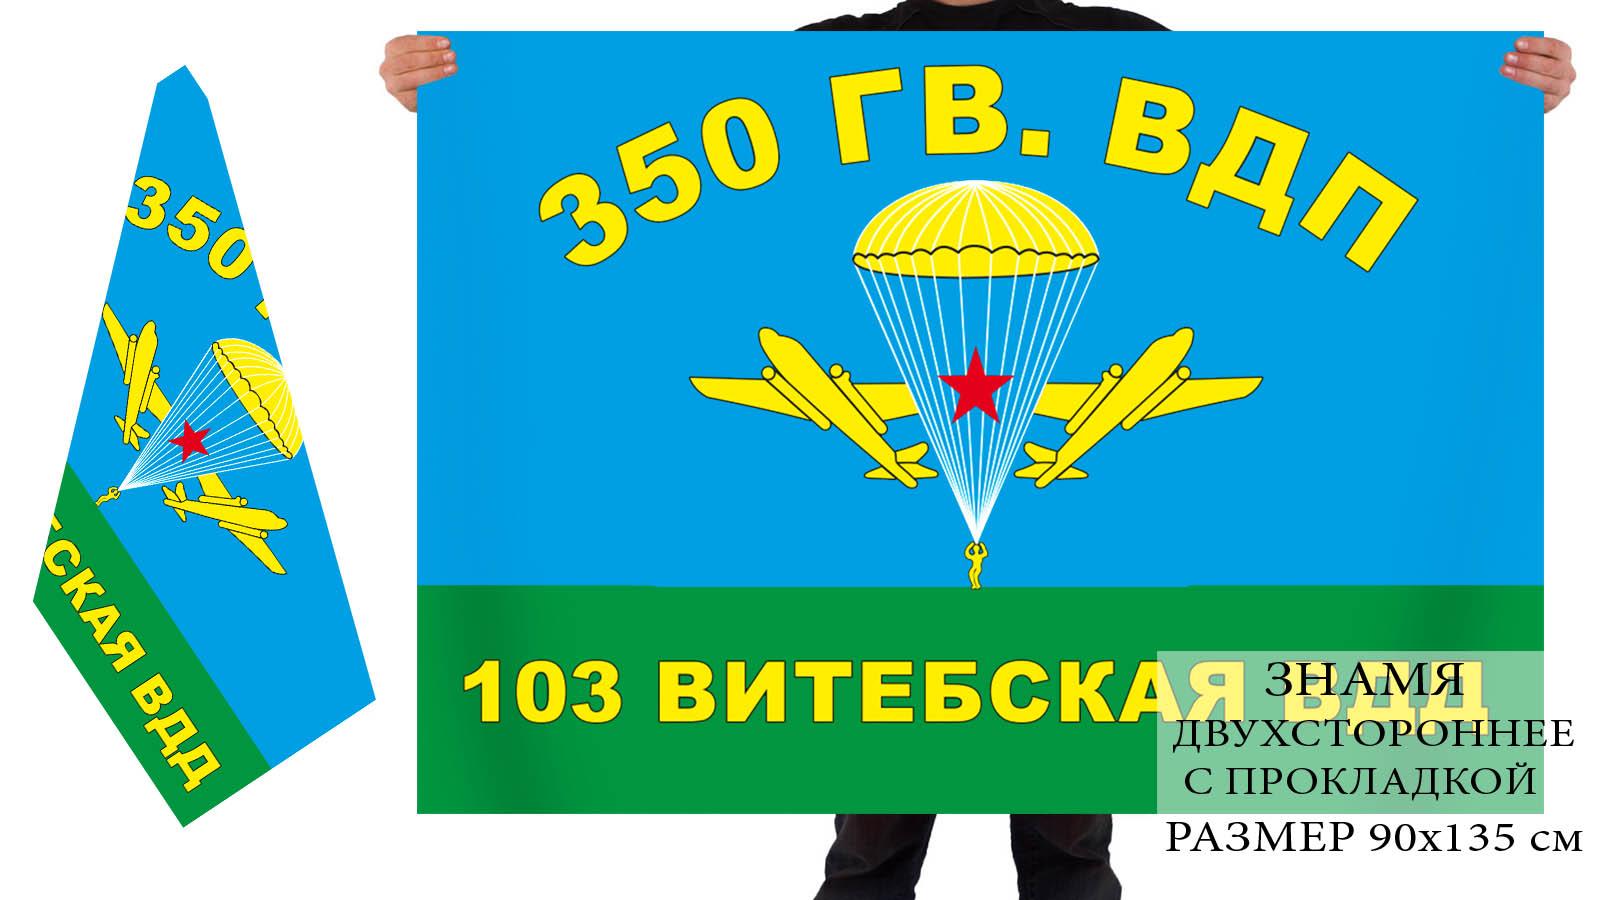 Двусторонний флаг 350 гв. воздушно-десантного полка 103 ВДД